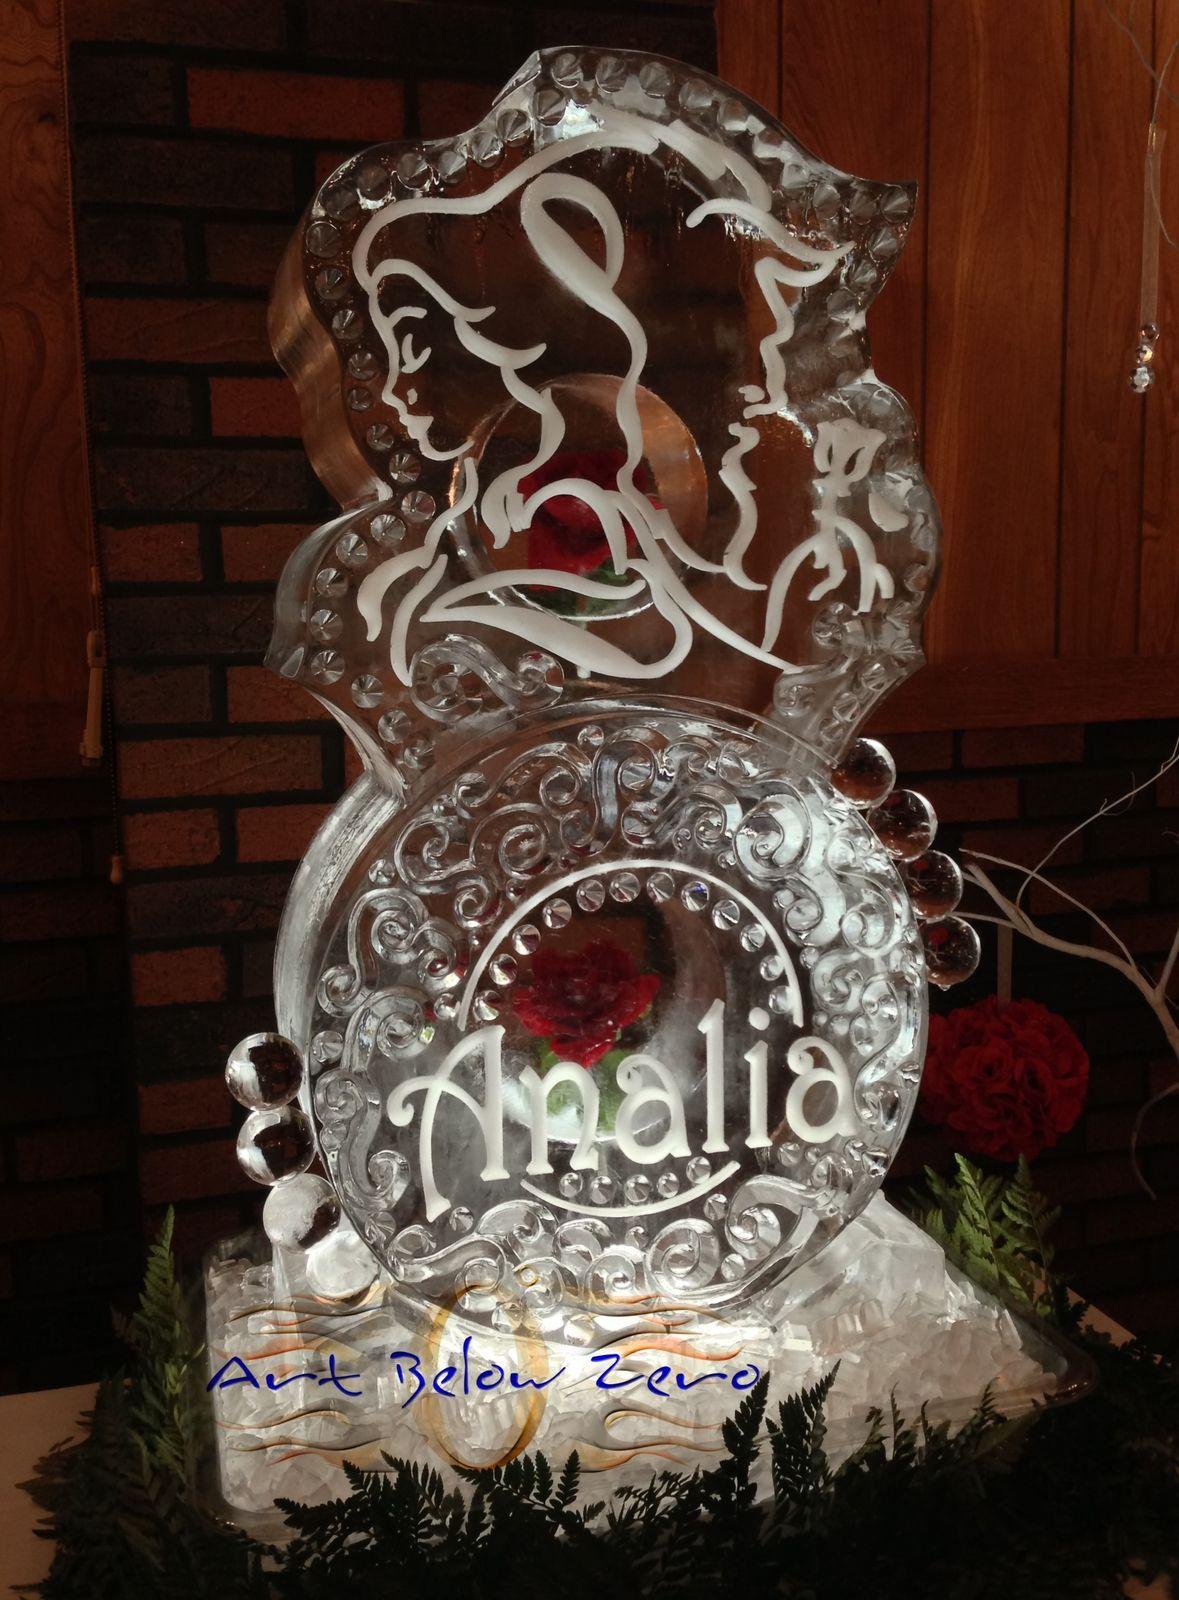 Birthdays Anniversary Ice Sculptures By Art Below Zero Ice Sculptures Wedding Sculpture Ice Carving